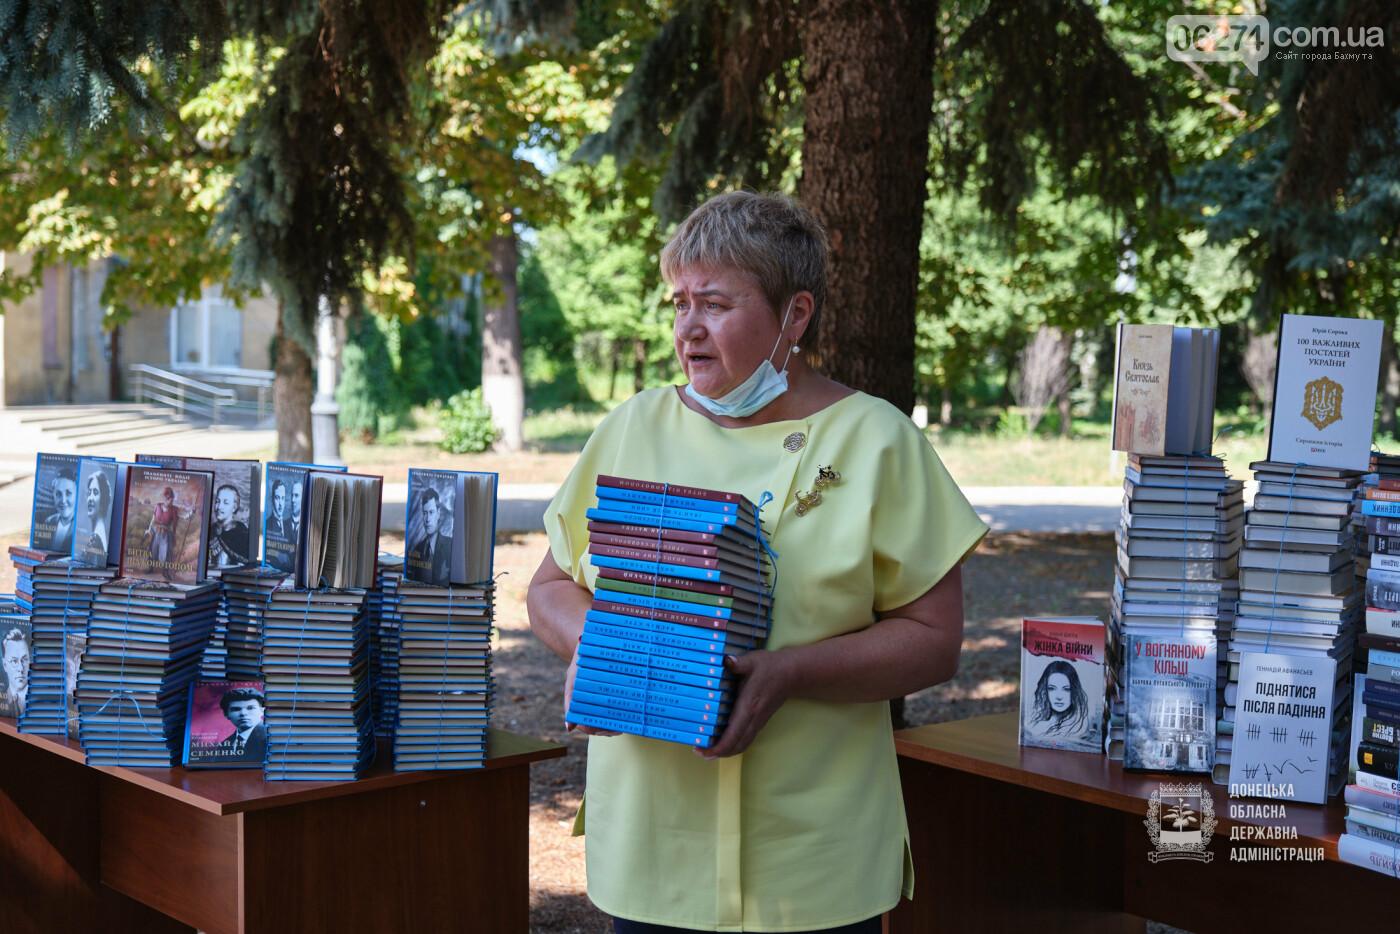 Молодежные центры области получили книги об истории Украины, выдающихся персонах и событиях АТО/ООС, фото-5